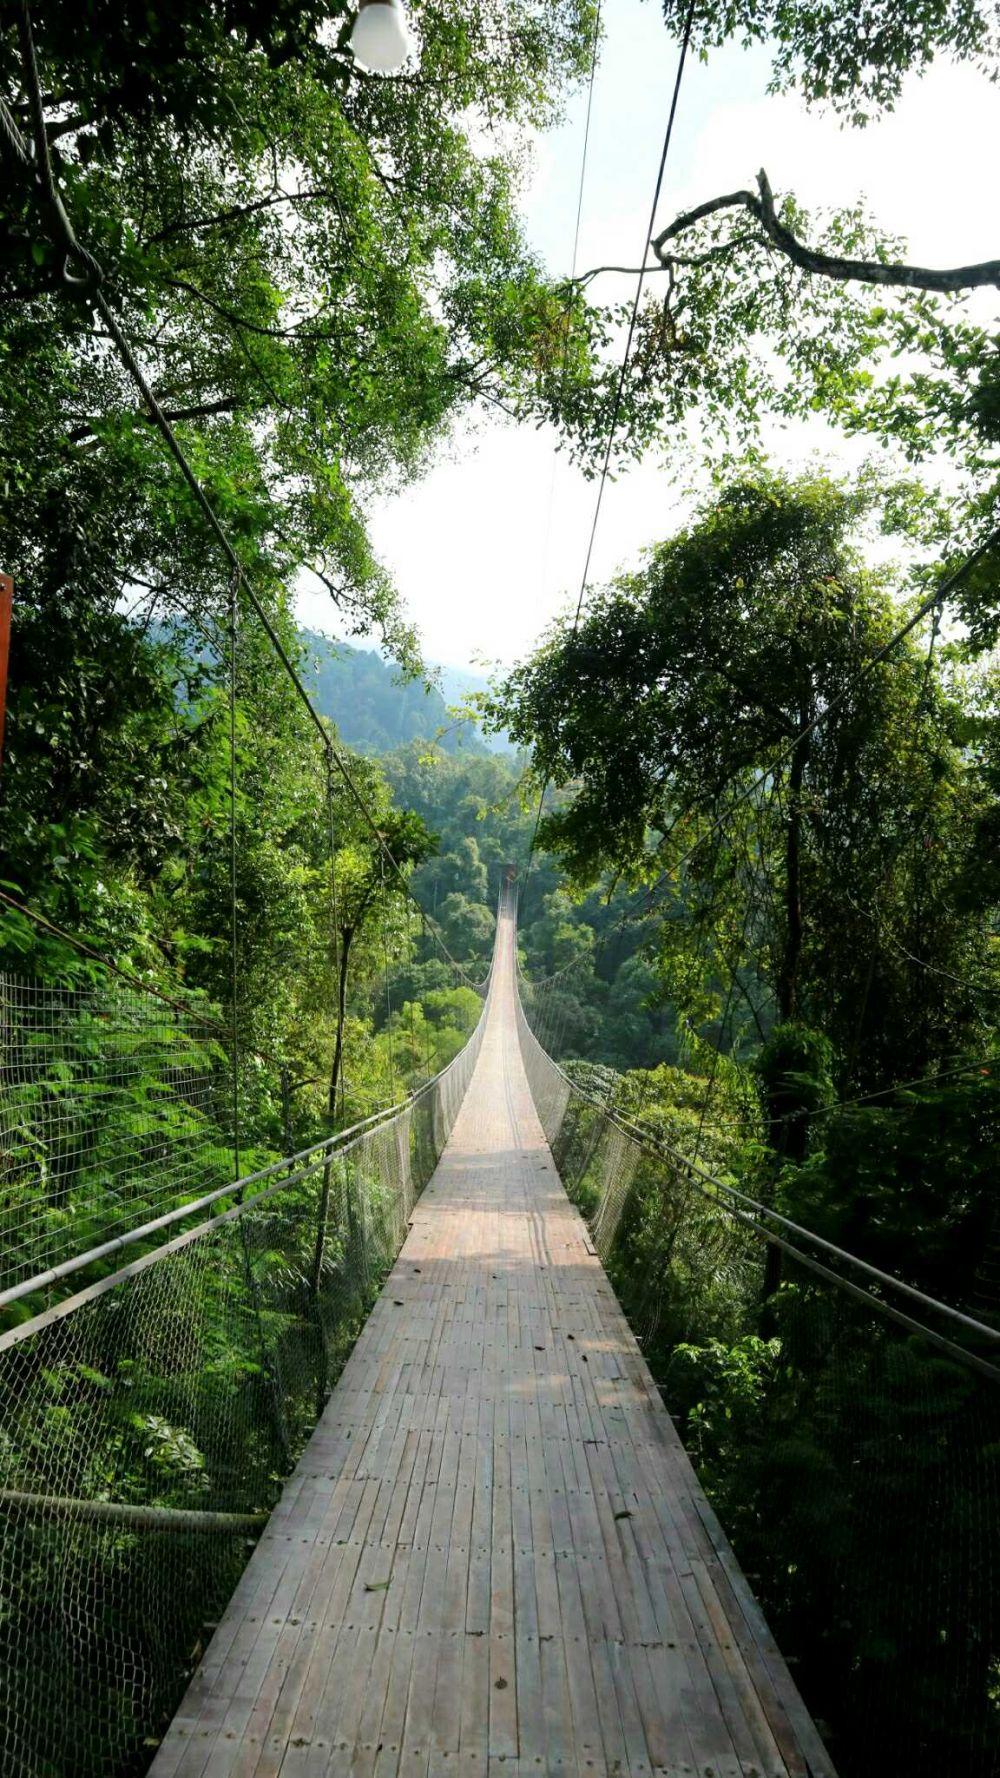 7 Keelokan Situ Gunung, Pesona Wisata Alam Sukabumi yang Asri